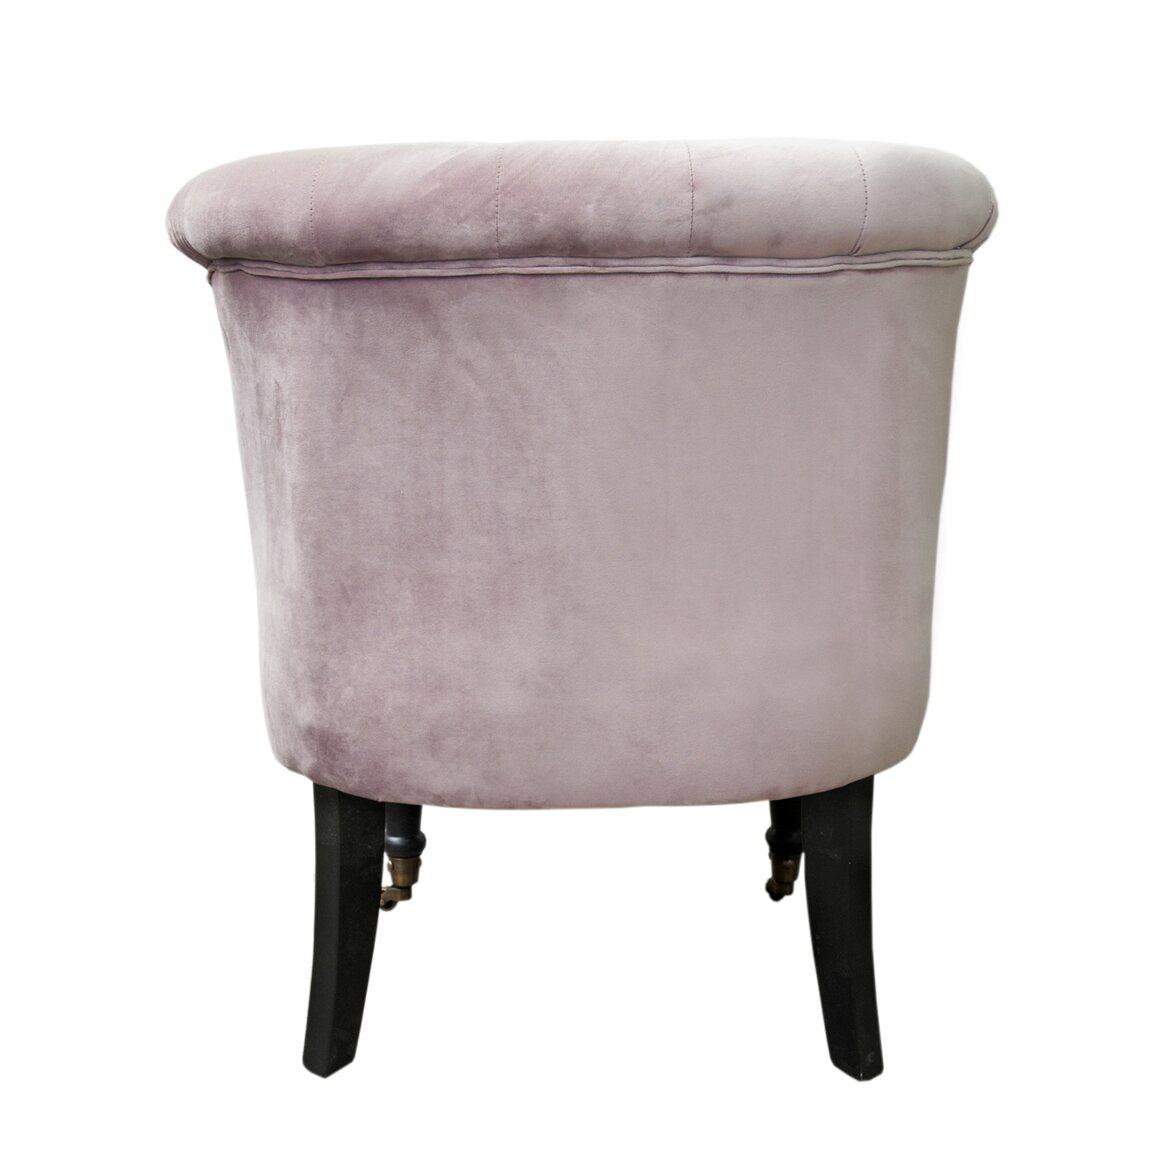 Низкое кресло Aviana pink velvet 3 | Маленькие кресла Kingsby